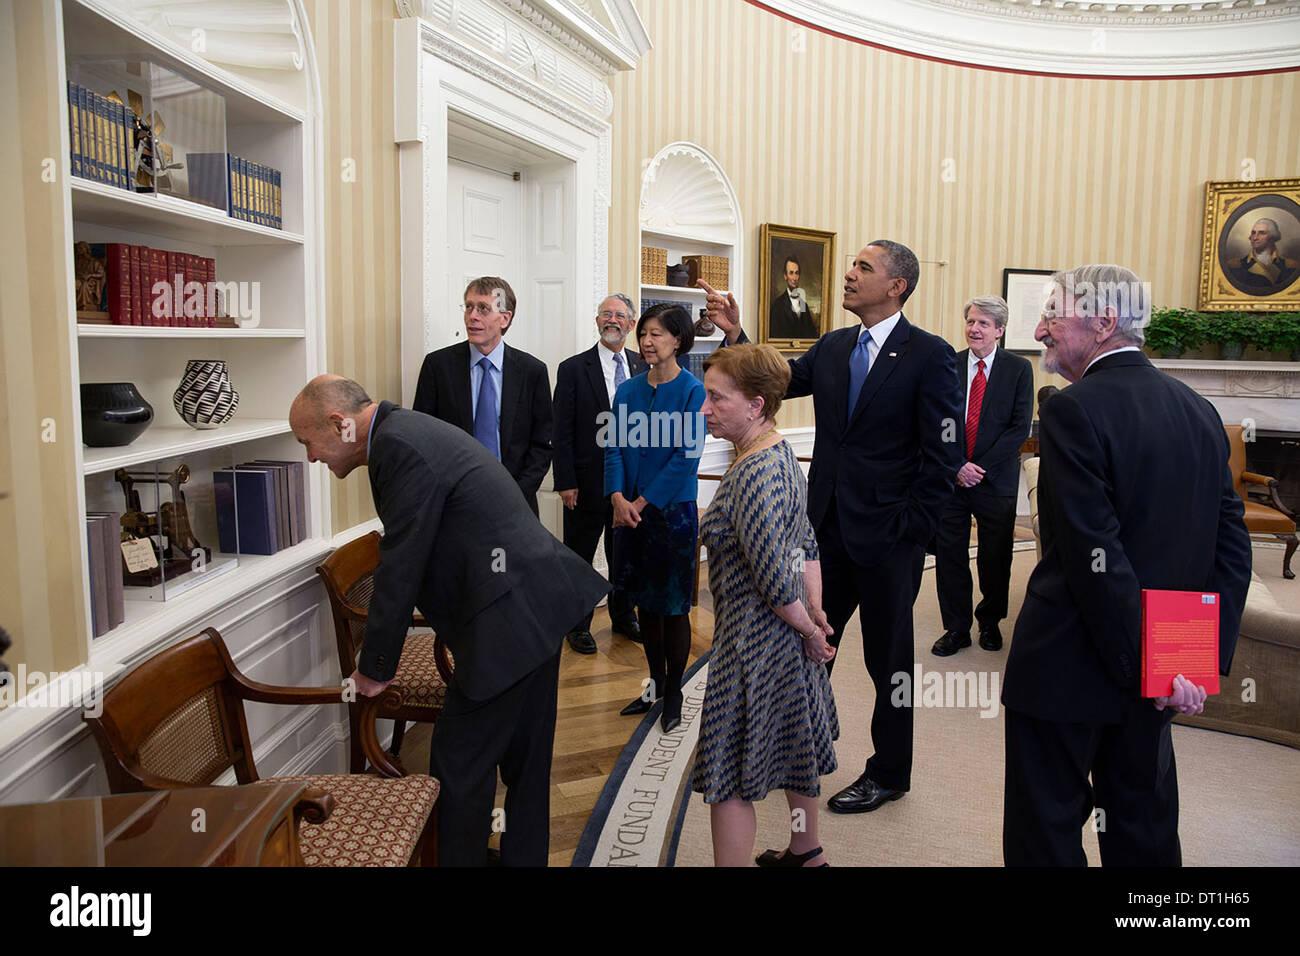 US-Präsident Barack Obama weist darauf hin mehrere patent-Modelle beim Treffen mit dem amerikanischen Nobelpreisträger 2013 und deren Ehepartner im Oval Office des weißen Hauses 19. November 2013 in Washington, DC. Stockbild